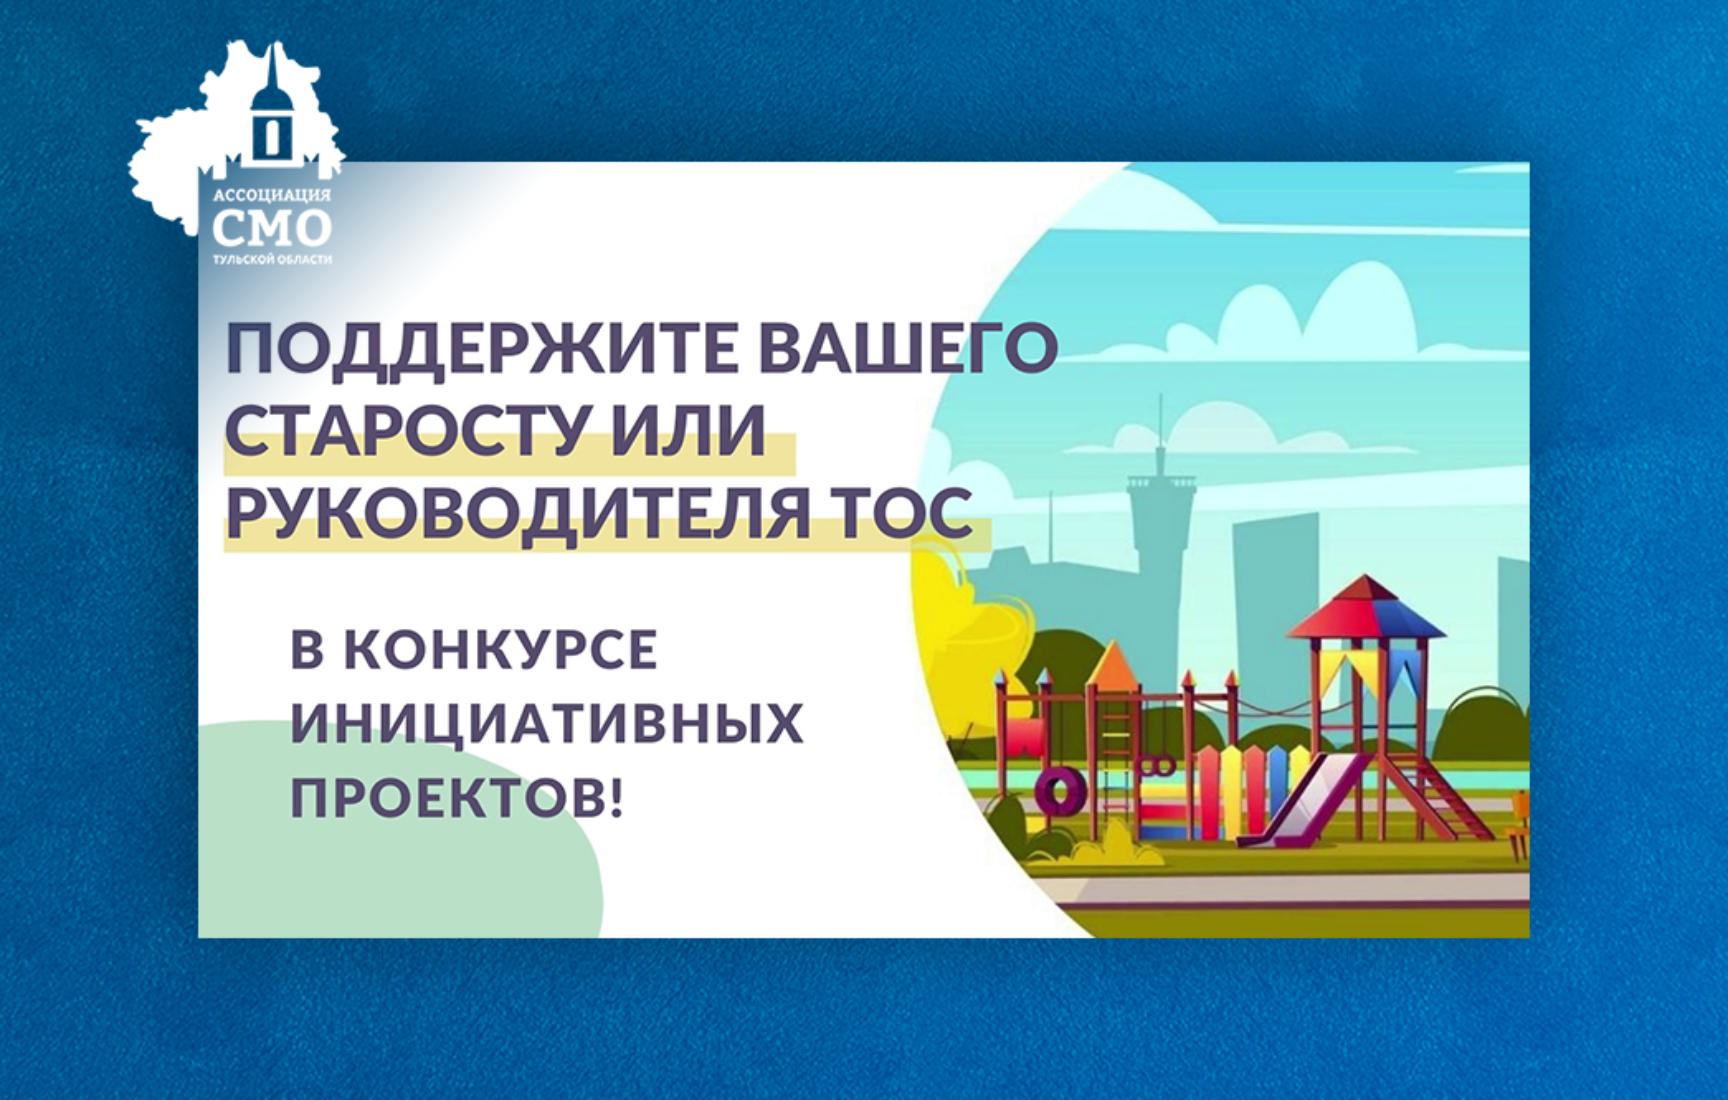 26 мая стартовало голосование за проекты сельских старост и руководителей ТОС – участников конкурса инициативных проектов.